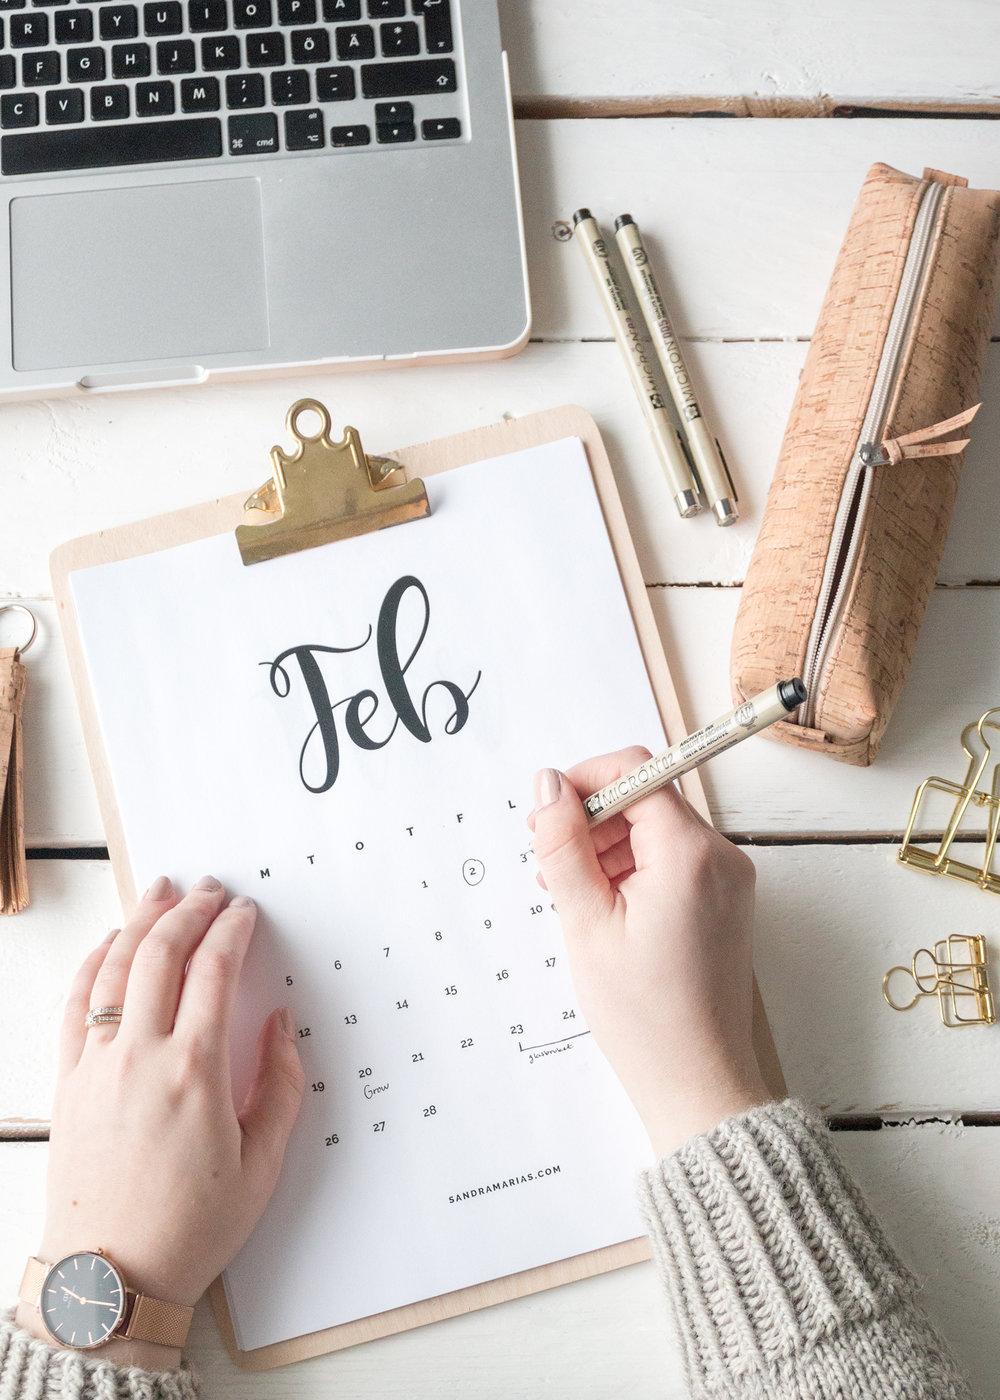 Hello February   The Corky Pencilcase   Free Calendar 2018 by Sandramaria   Sandramarias.com